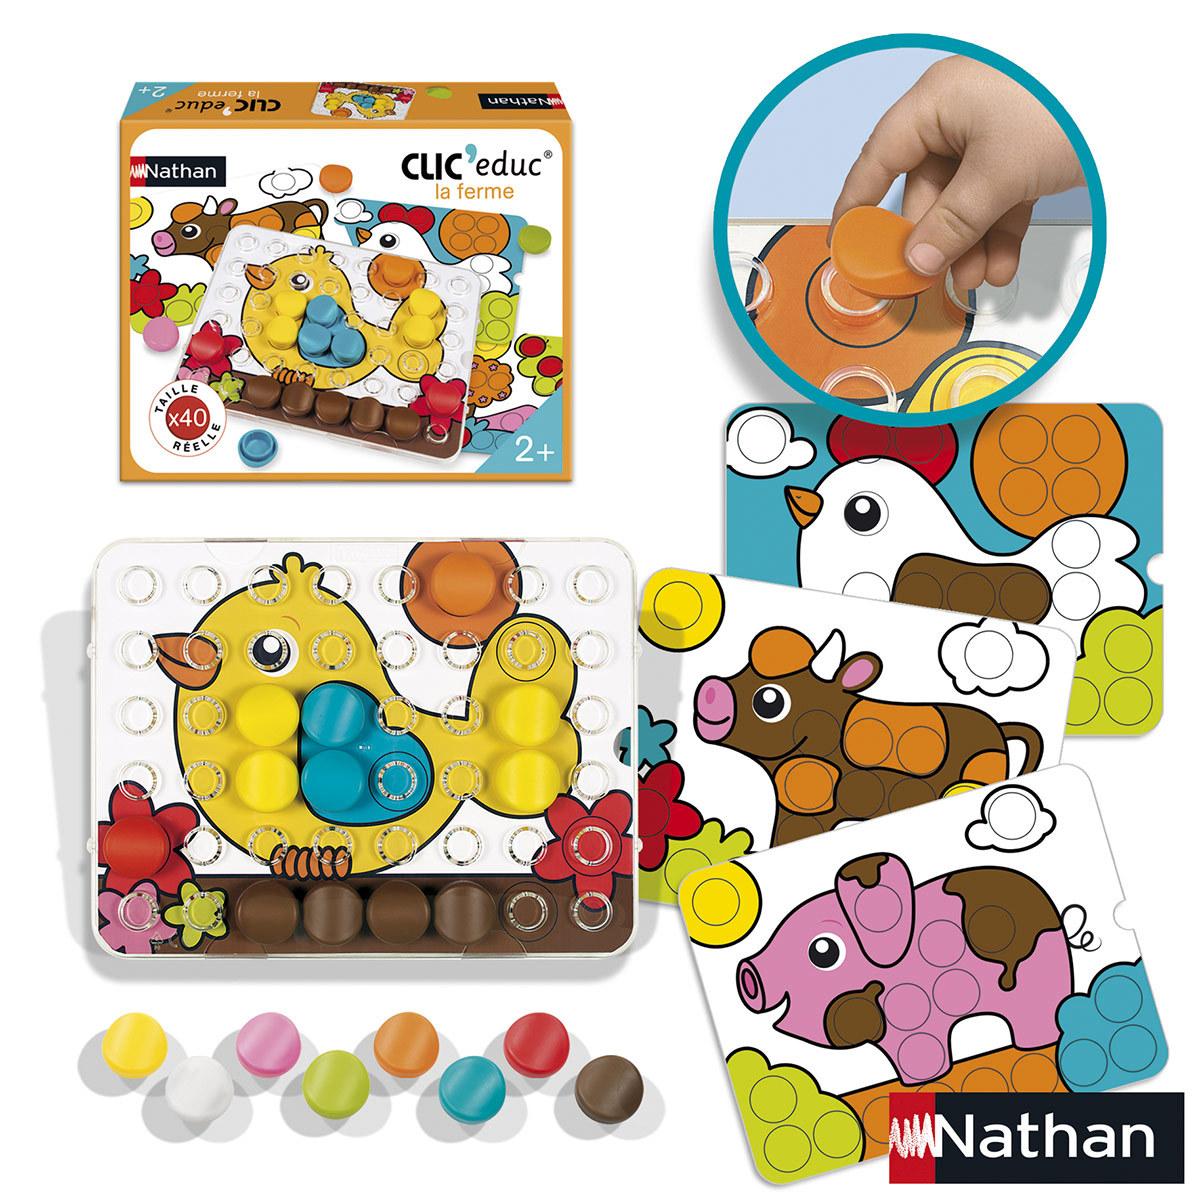 Mes premiers jouets Clic' educ La Ferme Clic' educ La Ferme